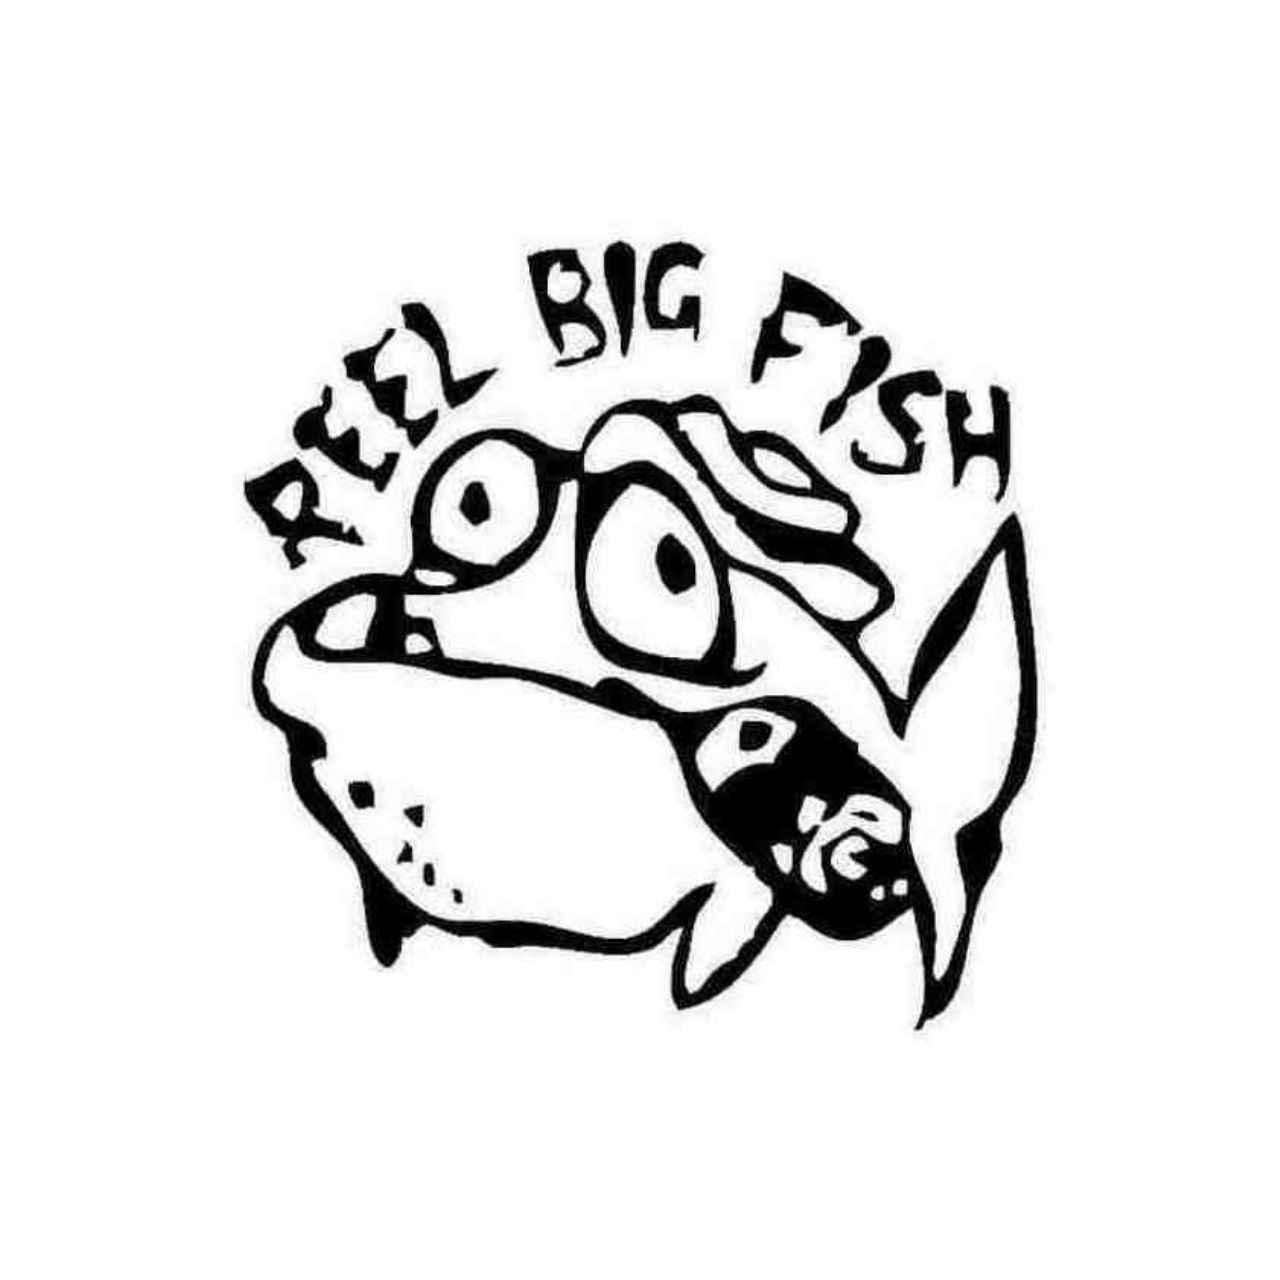 Reel Big Fish Decal Sticker.